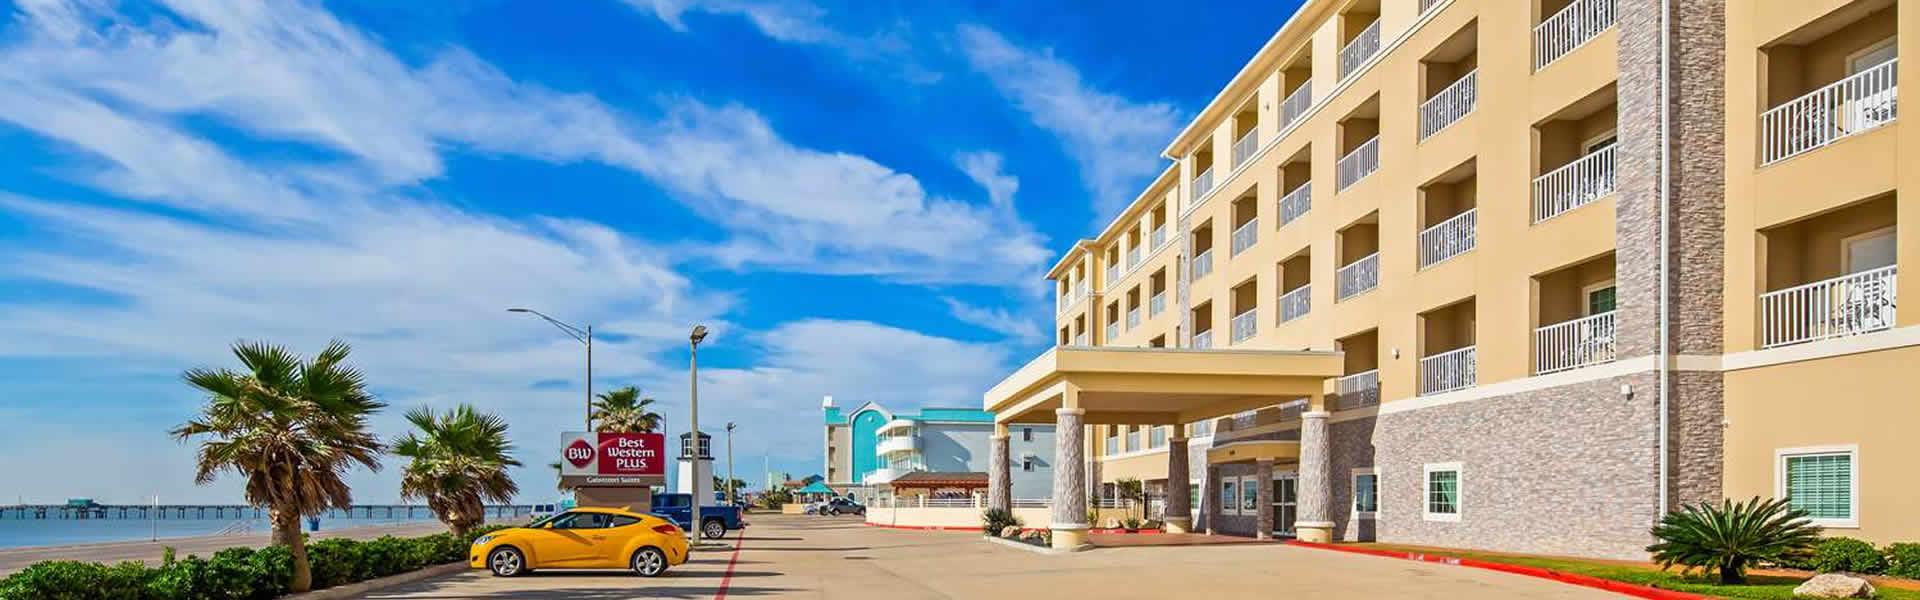 Best Western Plus Galveston Suites, Galveston TX